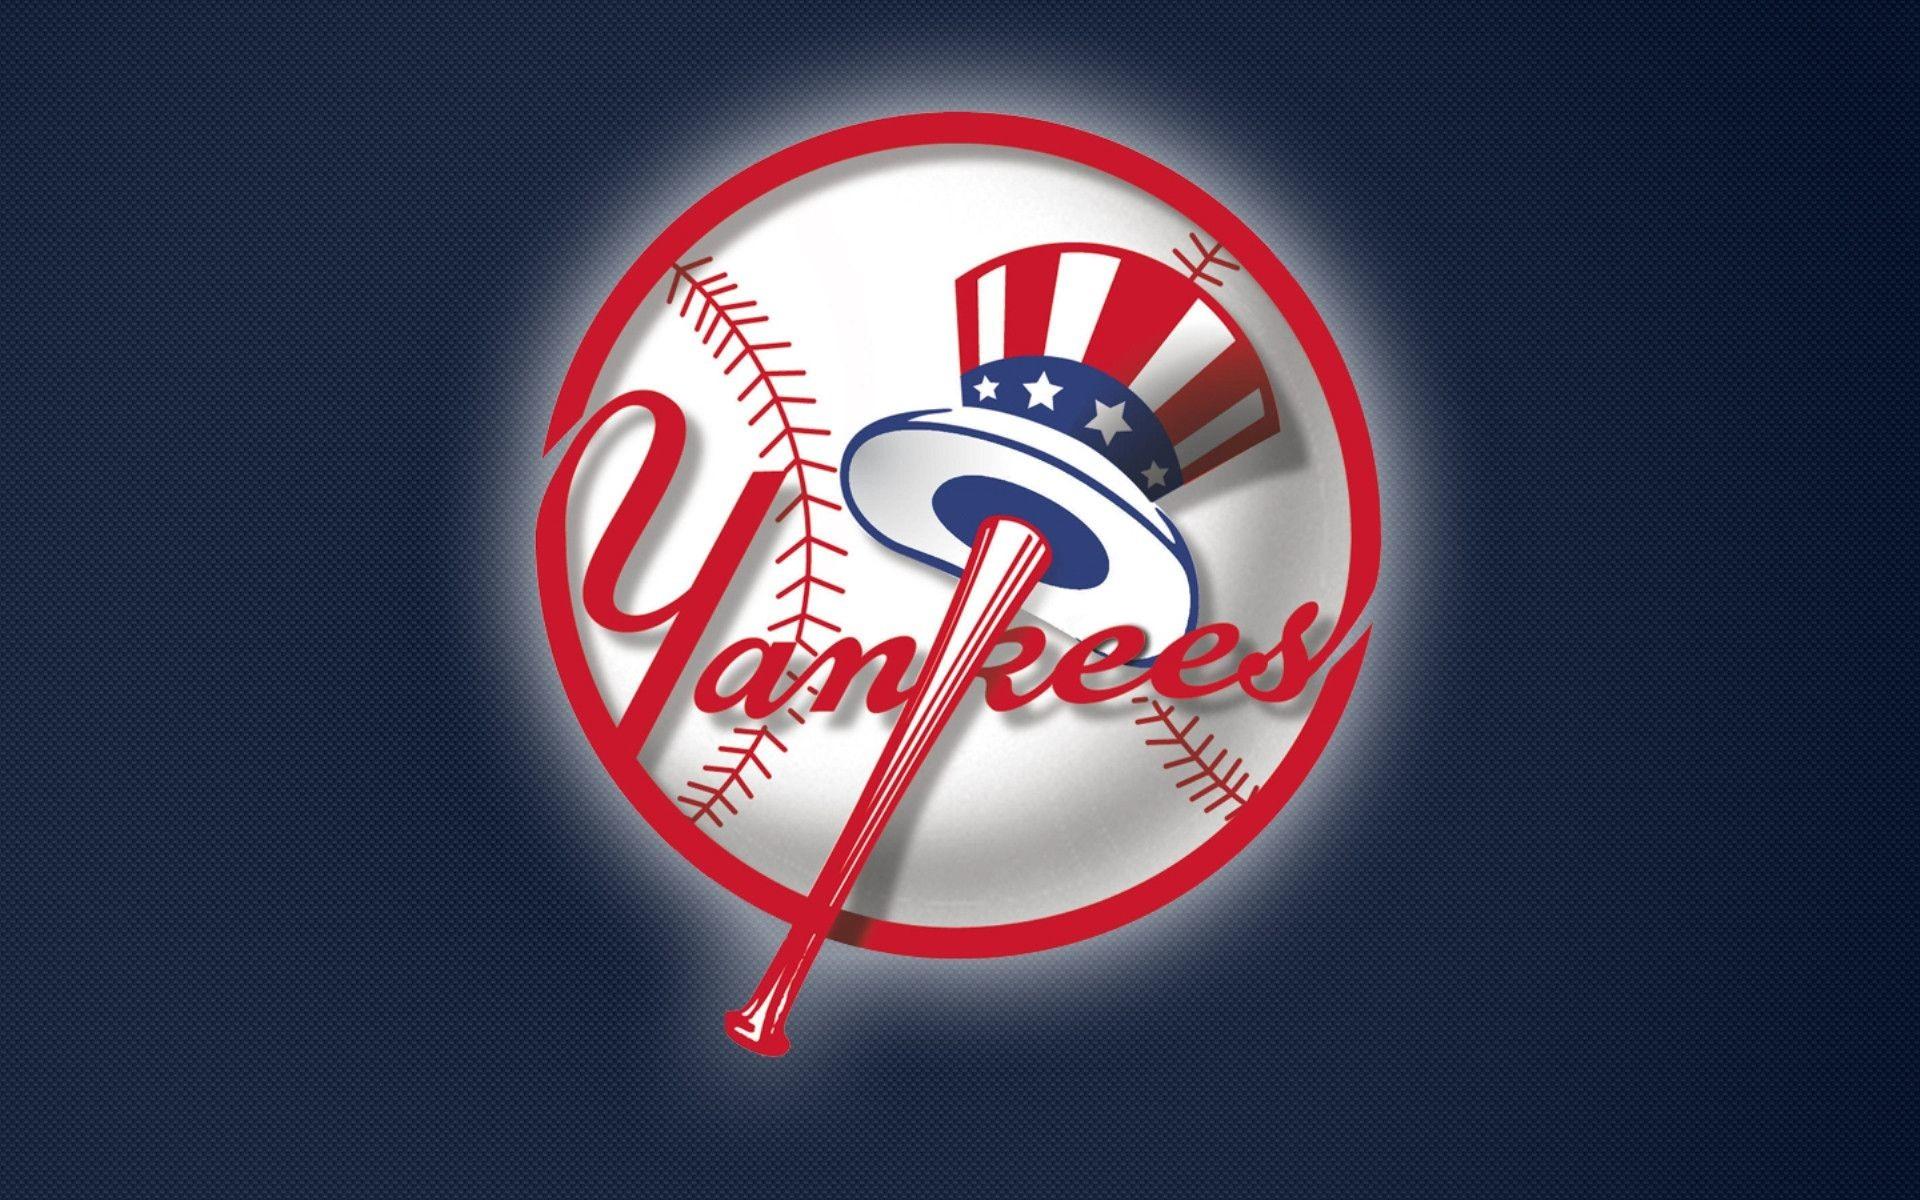 New York Yankees Wallpaper 61 Images